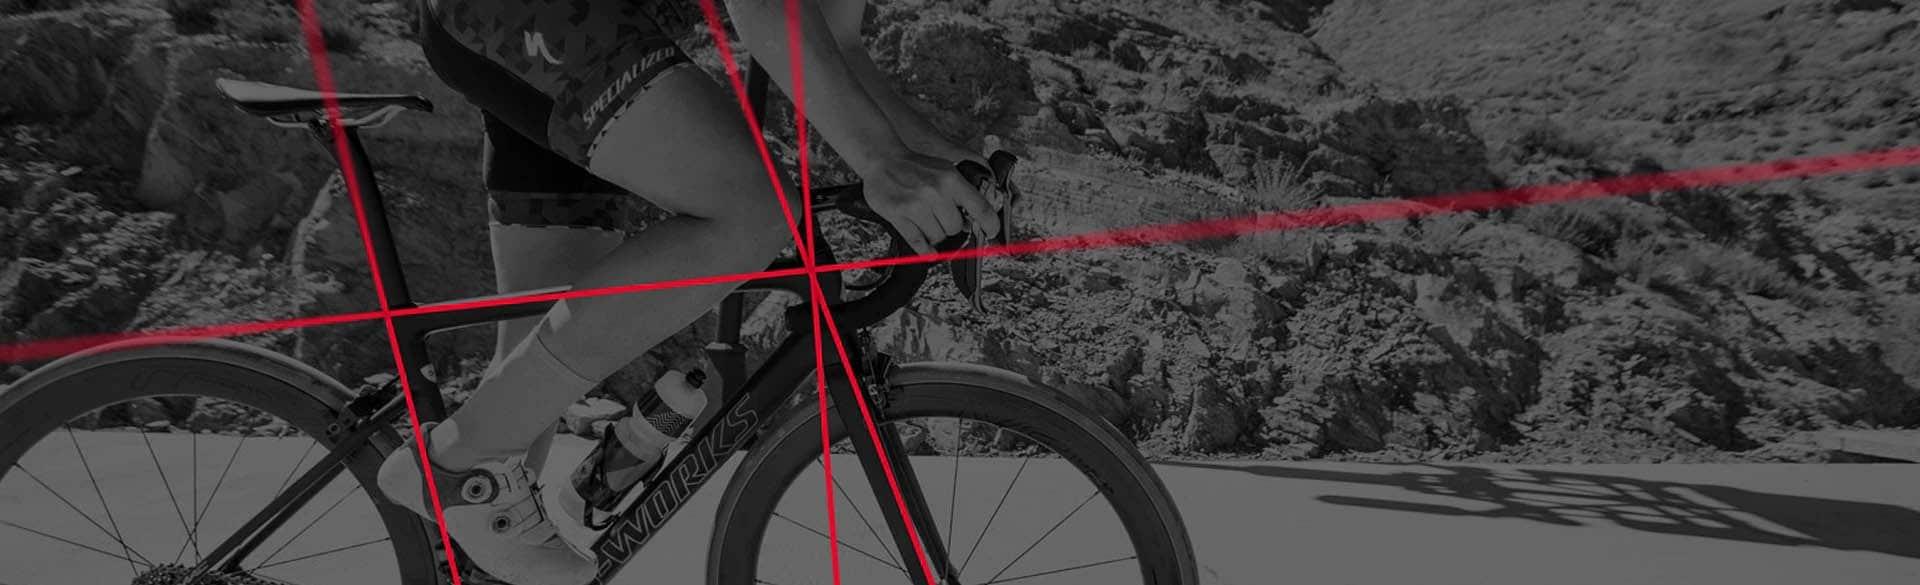 ¿Cómo es la Geometría de la Bicicleta?